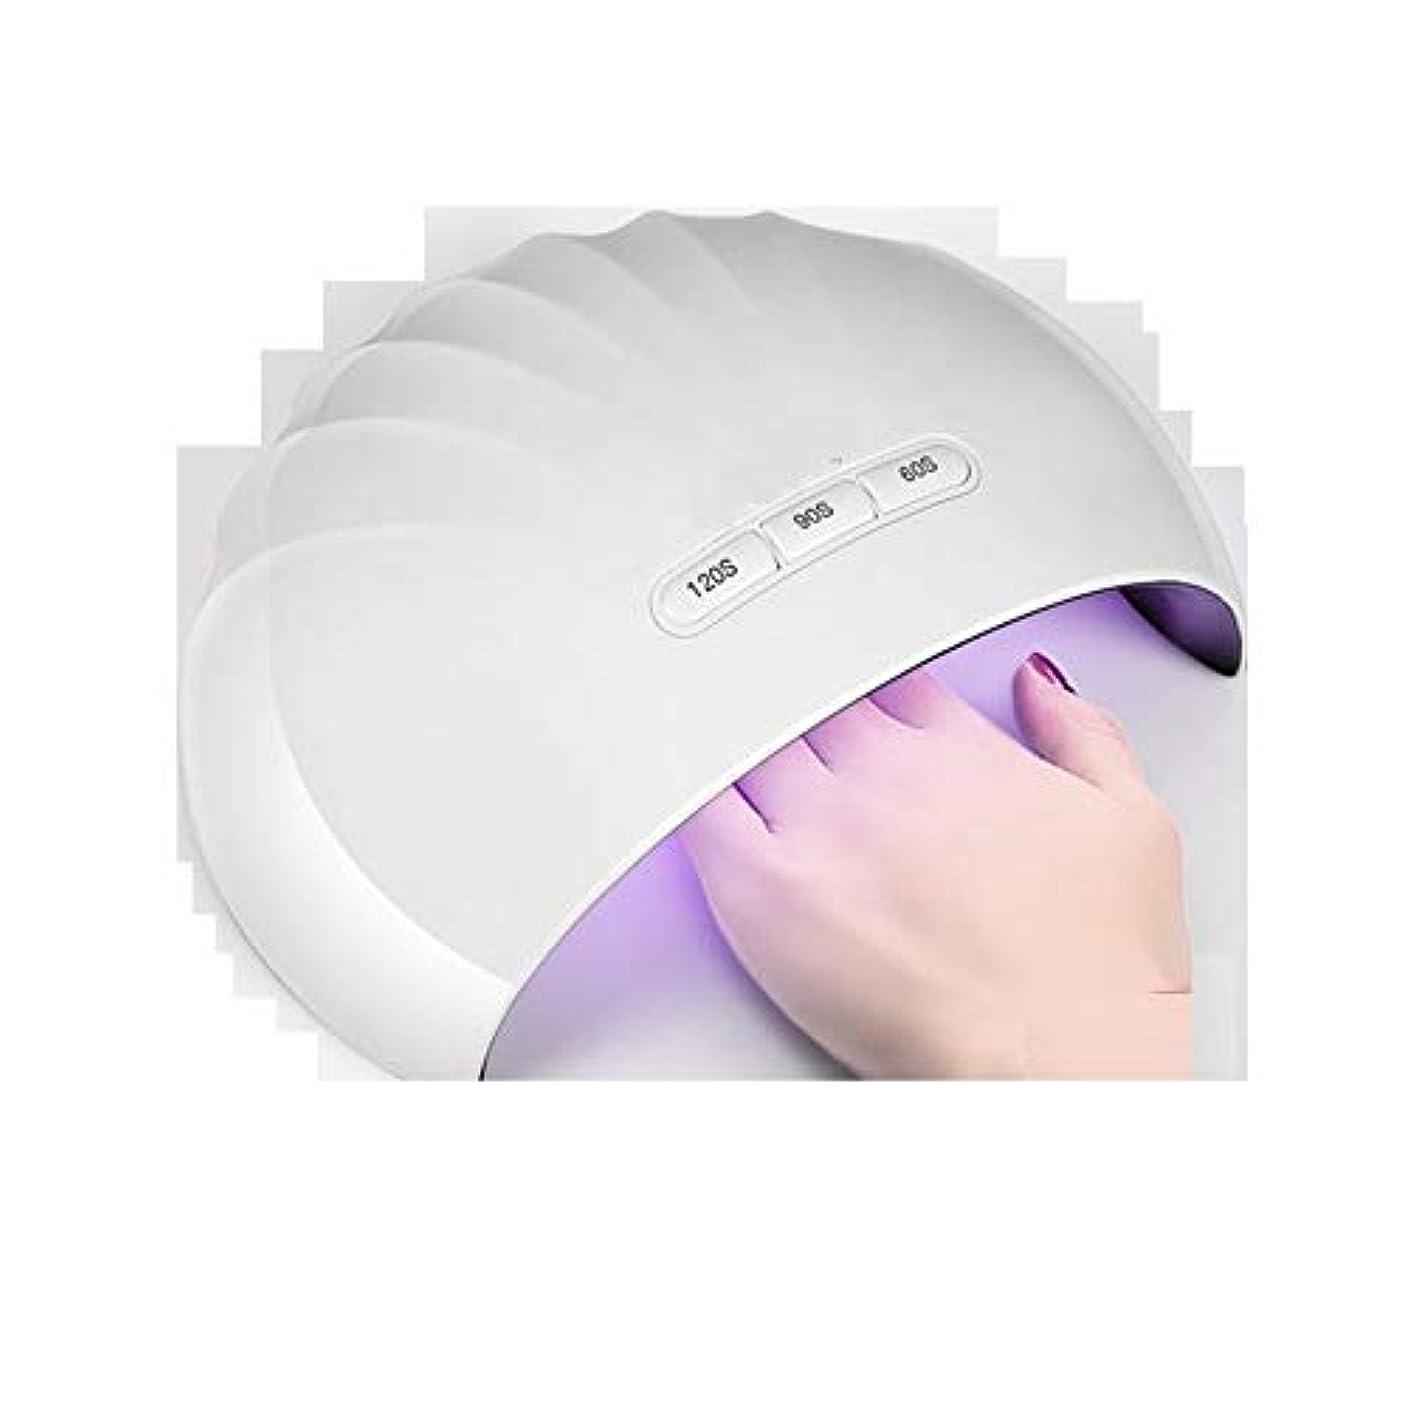 脚倍増エレメンタルLittleCat ネイルネイル光線療法機ドライヤースマート36Wネイル12個のデュアル光源ランプビーズ (色 : White+USB cable)